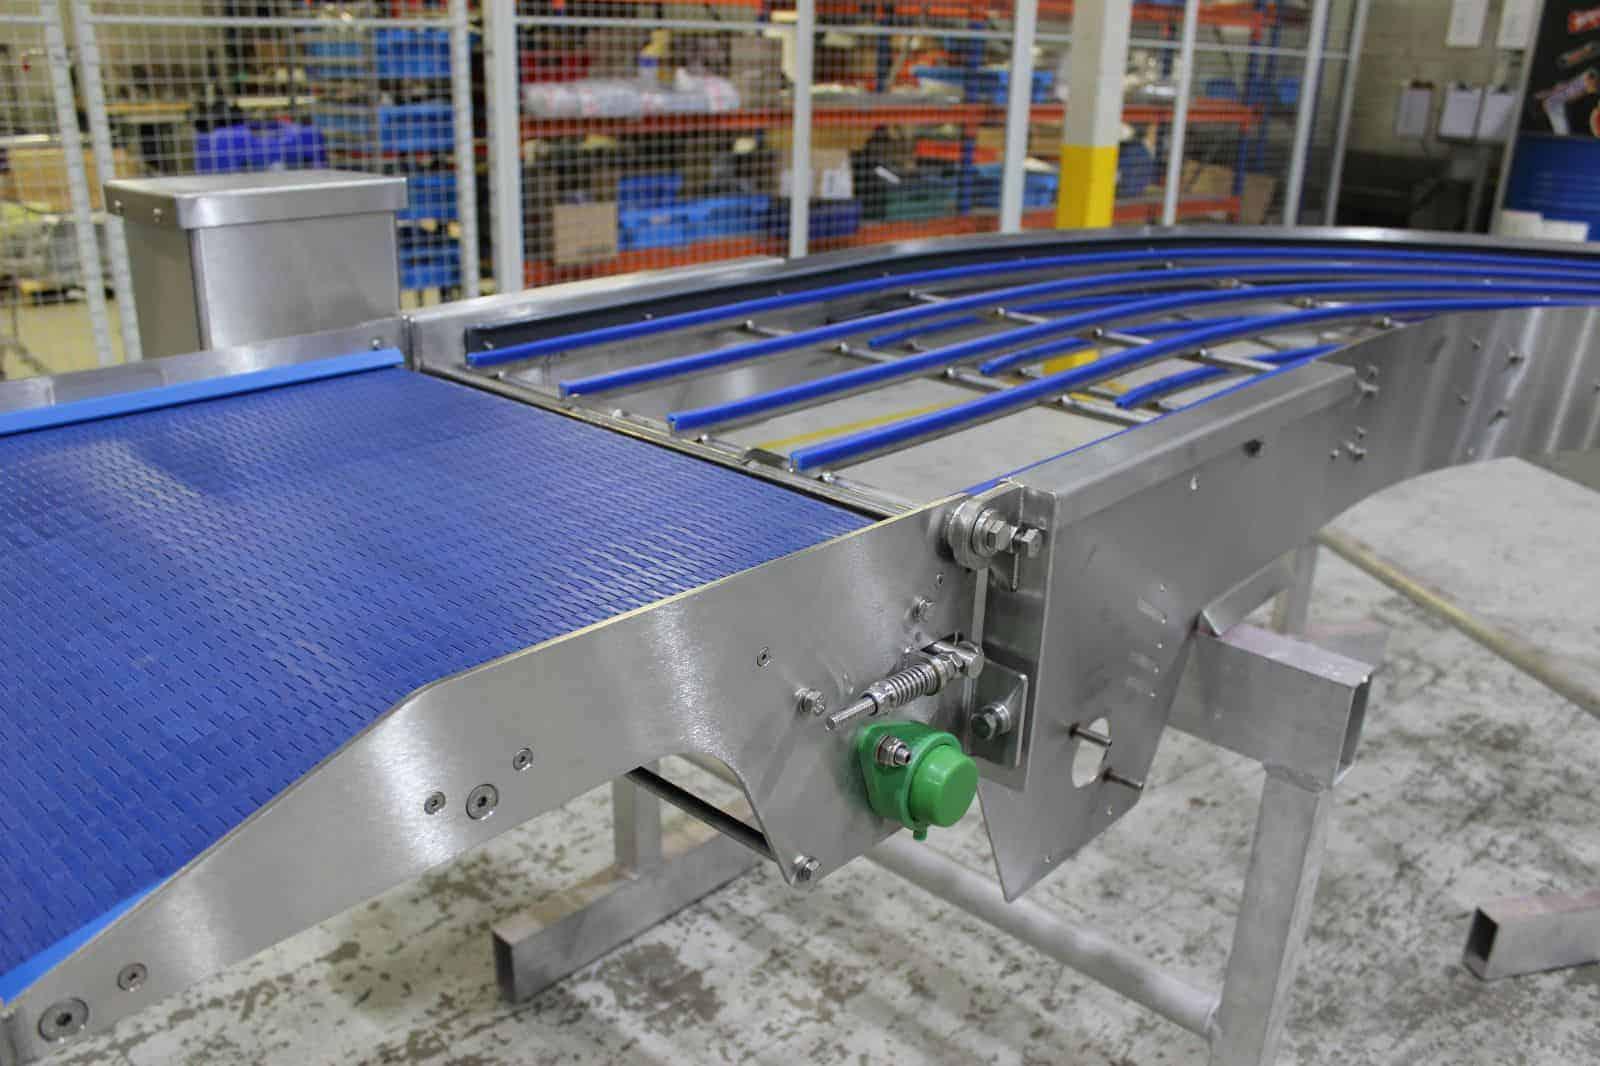 Stainless Steel Food Grade Conveyors Conveyor Belts Wrightfield Ltd Stainless Steel Conveyor Belt